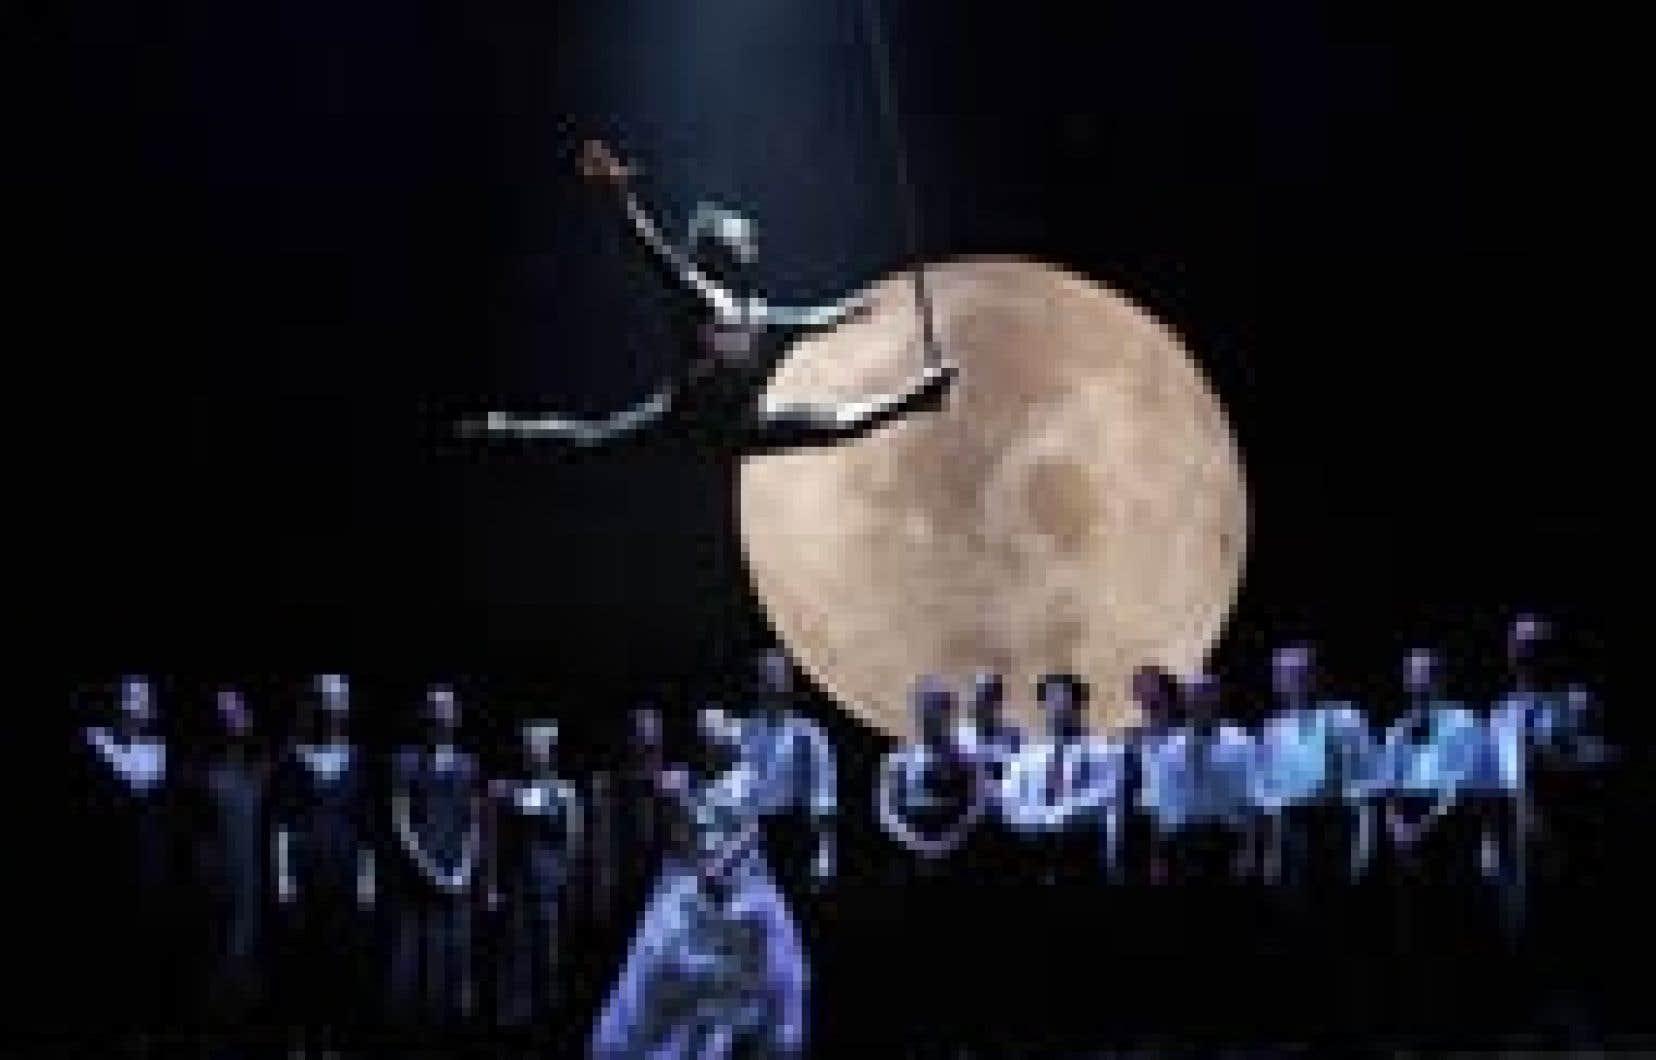 Le spectacle Nomade, du Cirque Éloize, lors du passage de la troupe à Paris plus tôt cette année. La compagnie fera partie de la cérémonie de clôture des Jeux de Turin.